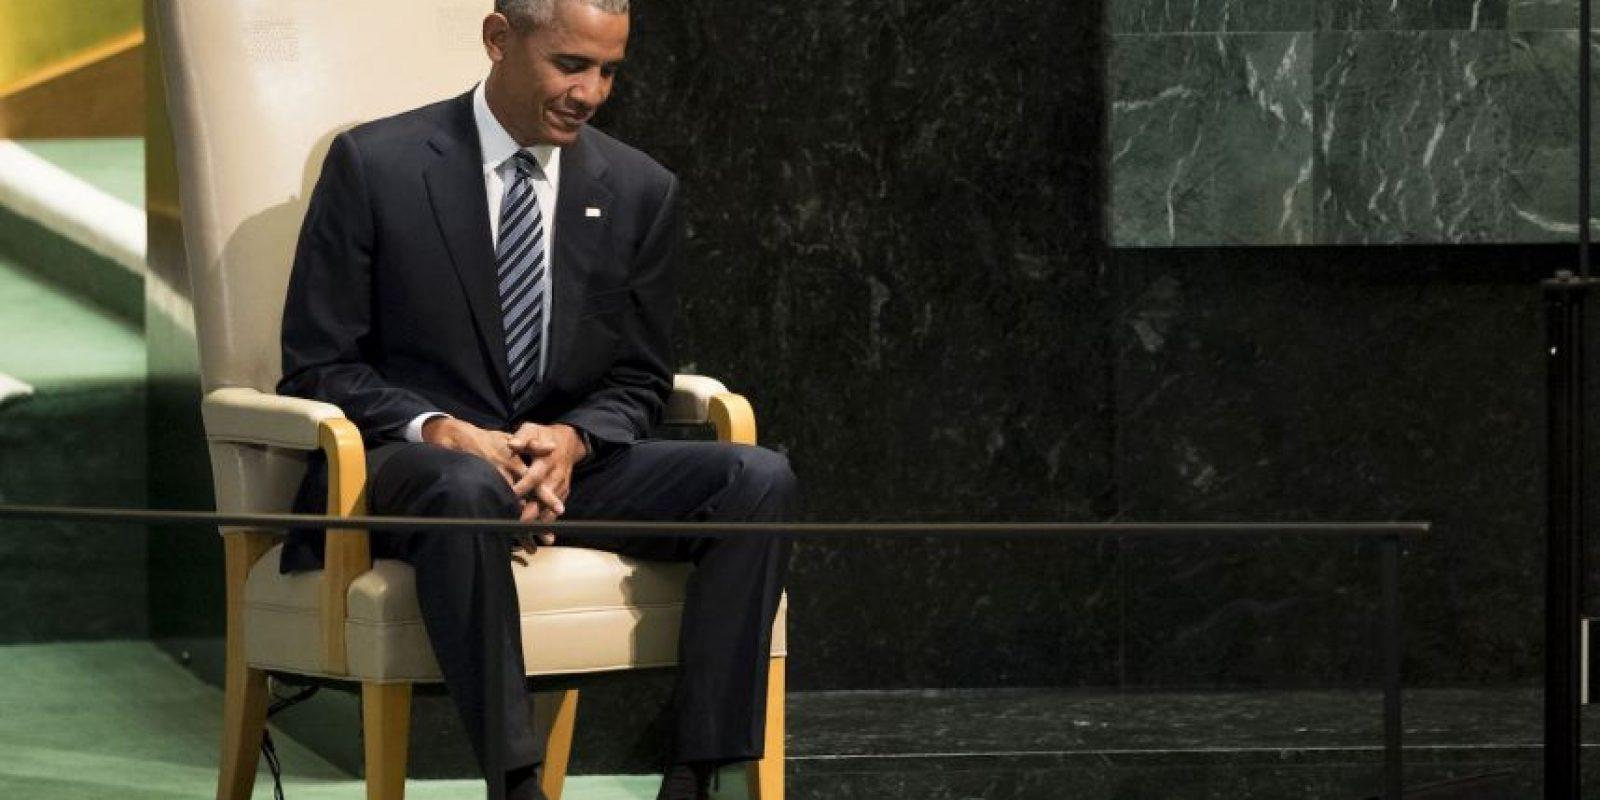 También criticó a los gobiernos de Rusia y de Corea del Norte Foto:Getty Images